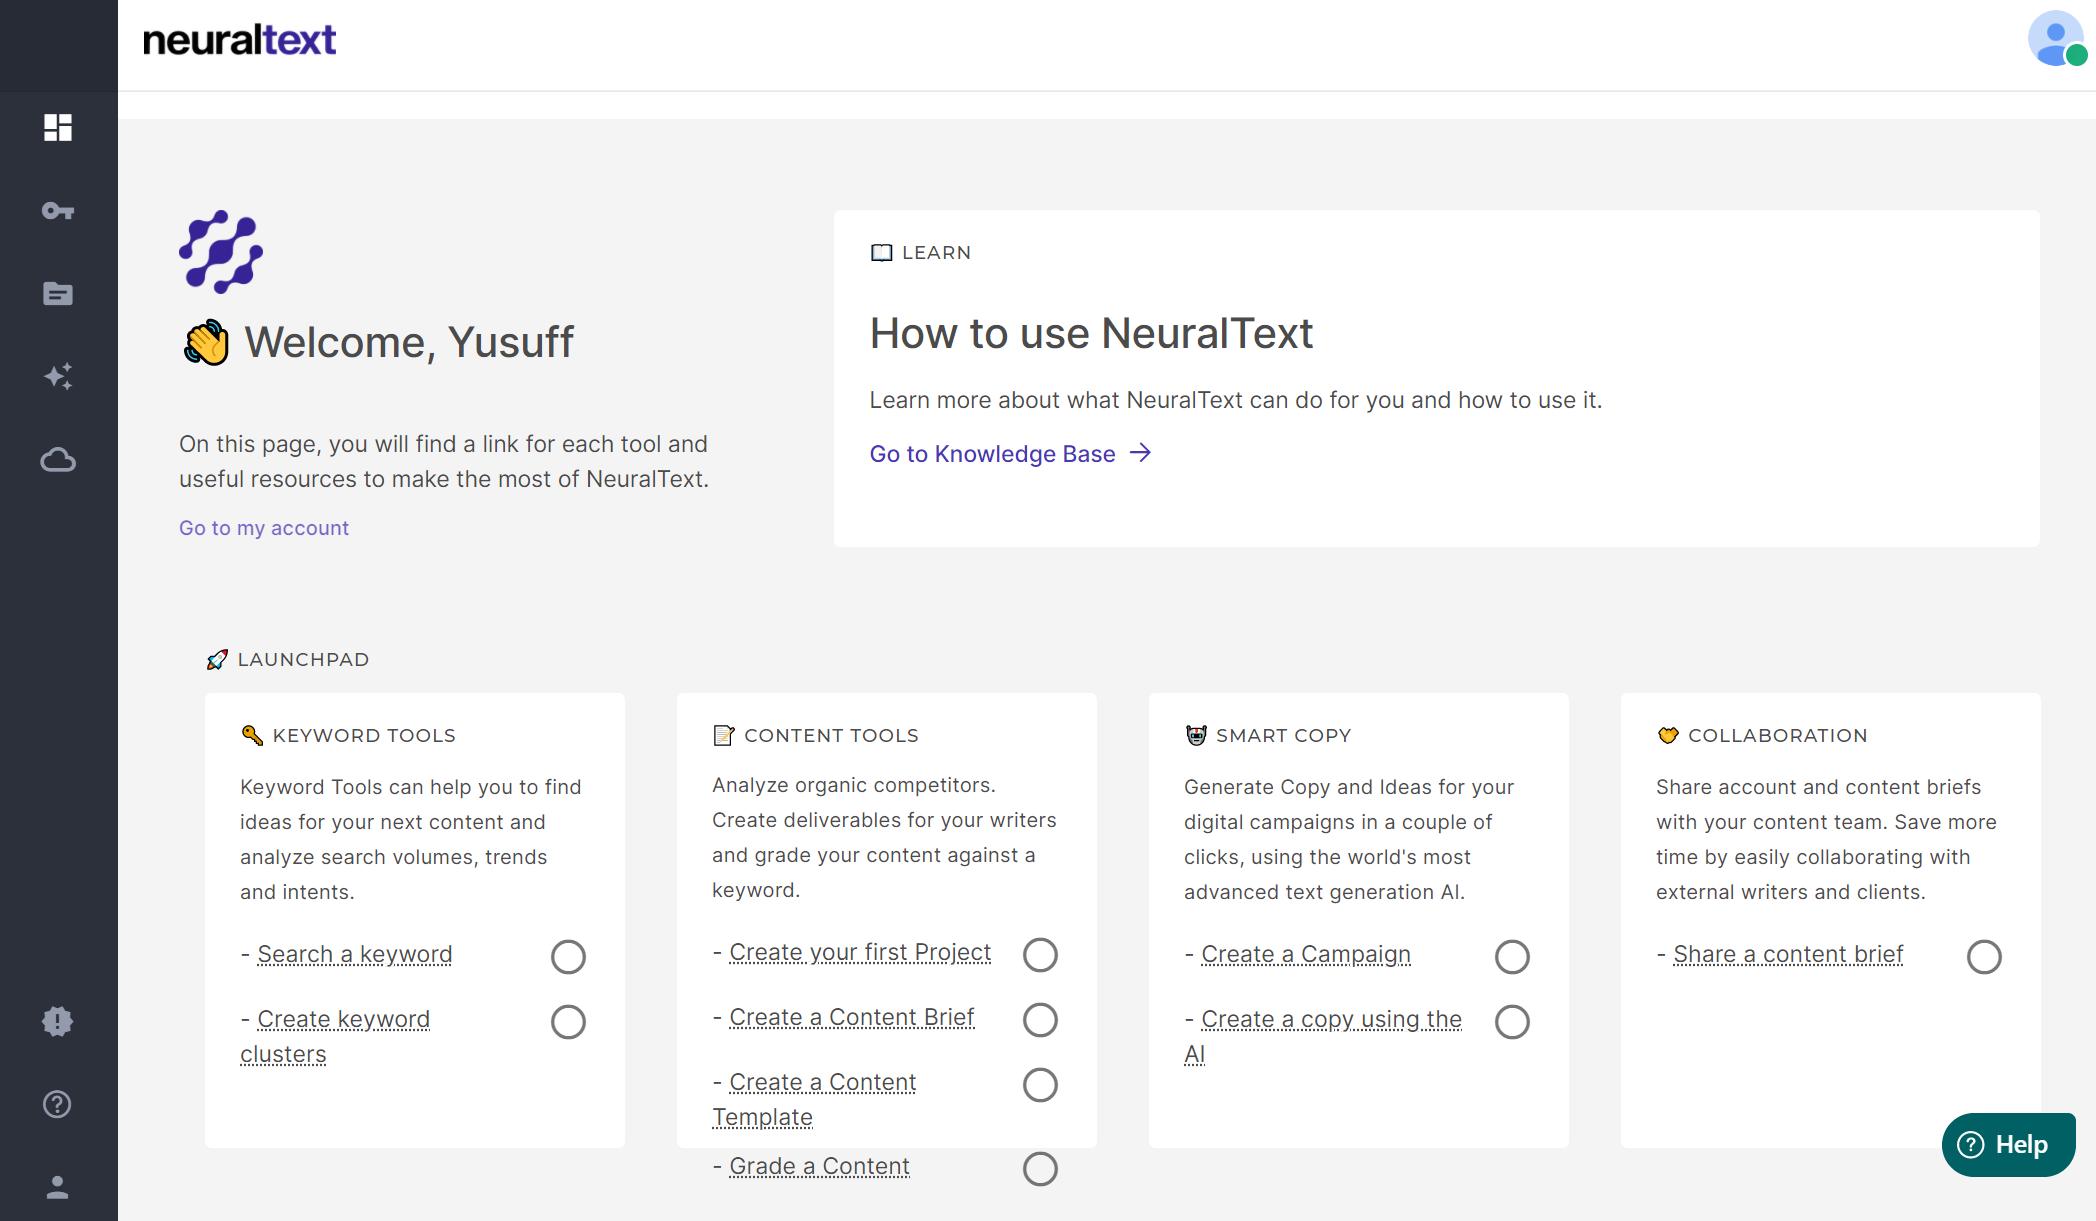 NeuralText - Dashboard